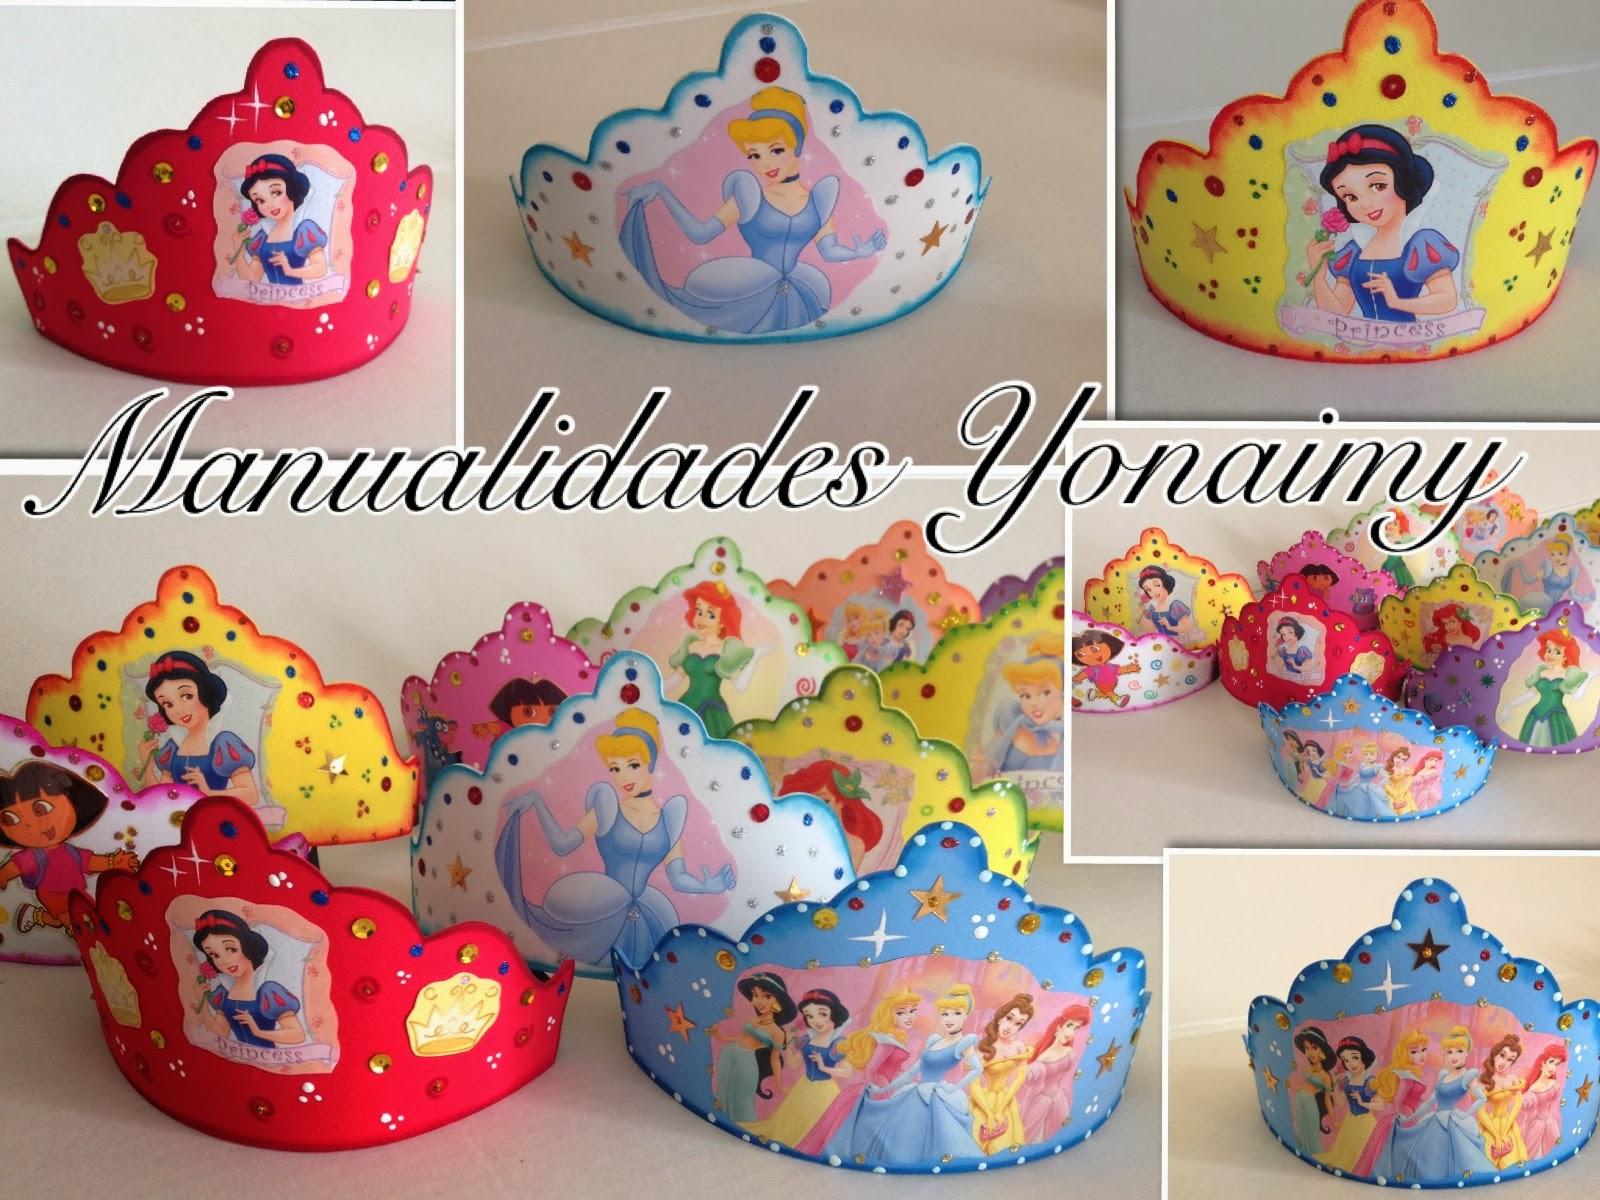 Manualidades yonaimy diciembre 2013 - Blog de manualidades y decoracion ...